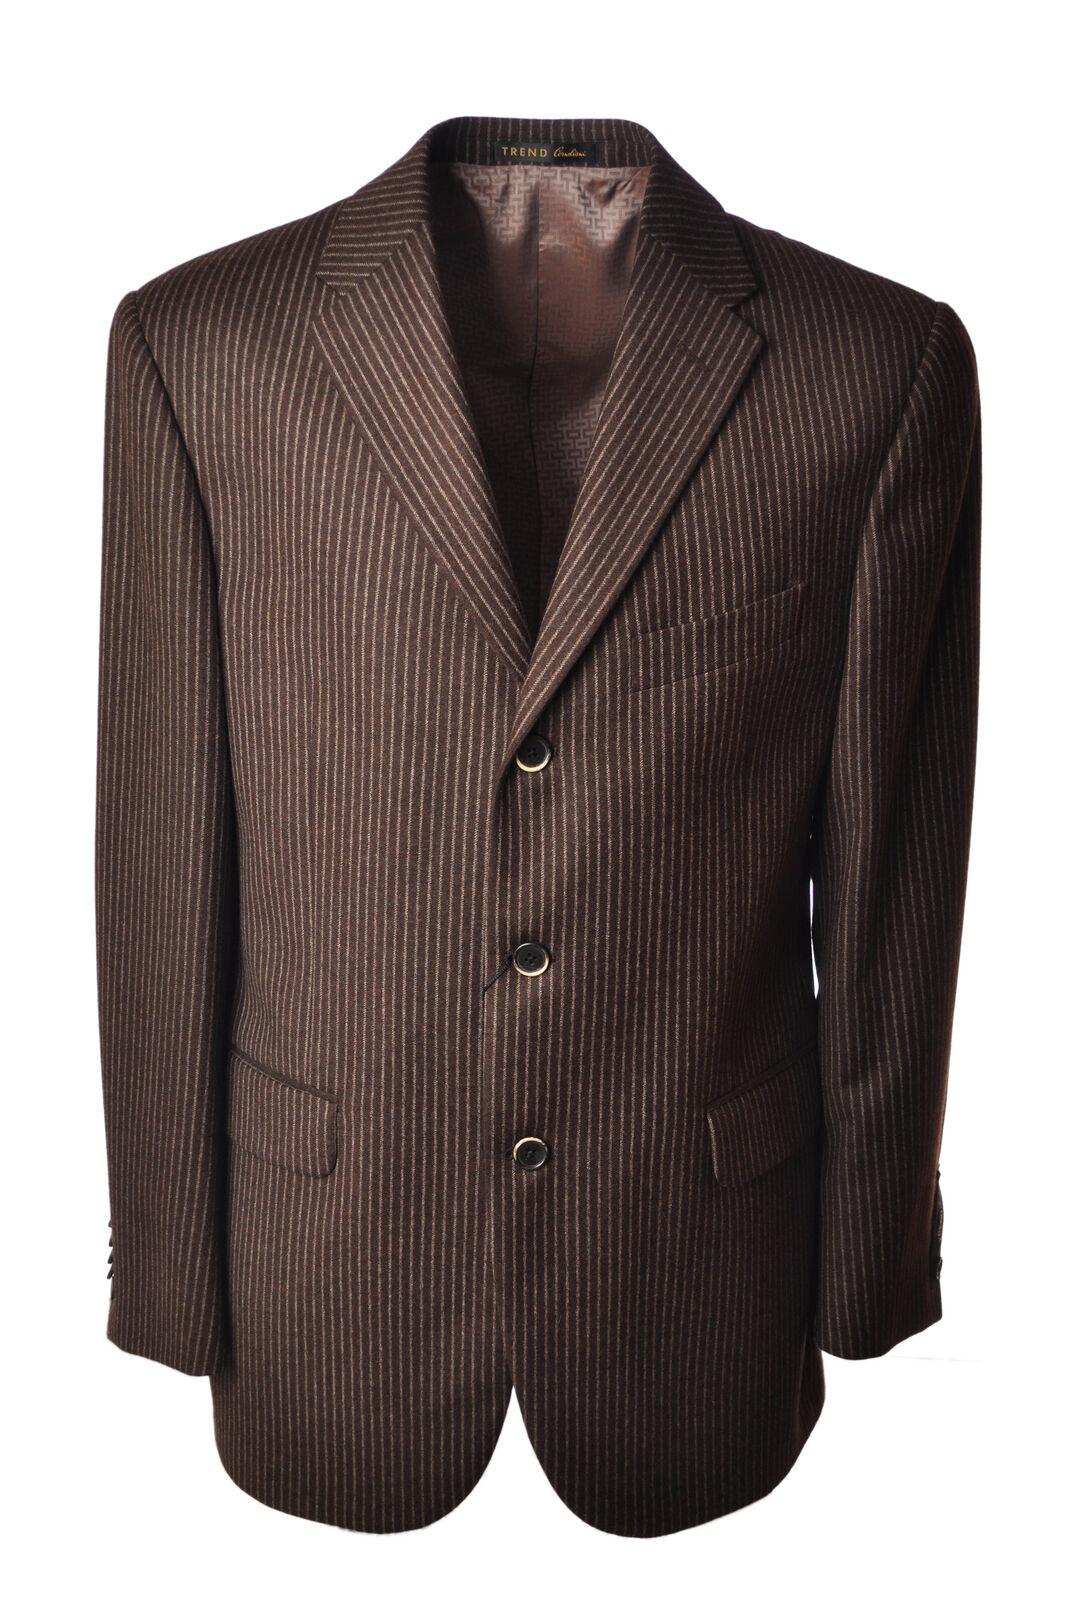 Corneliani Trend  -  Longitud - Hombre - Marrón - 4714712A185456